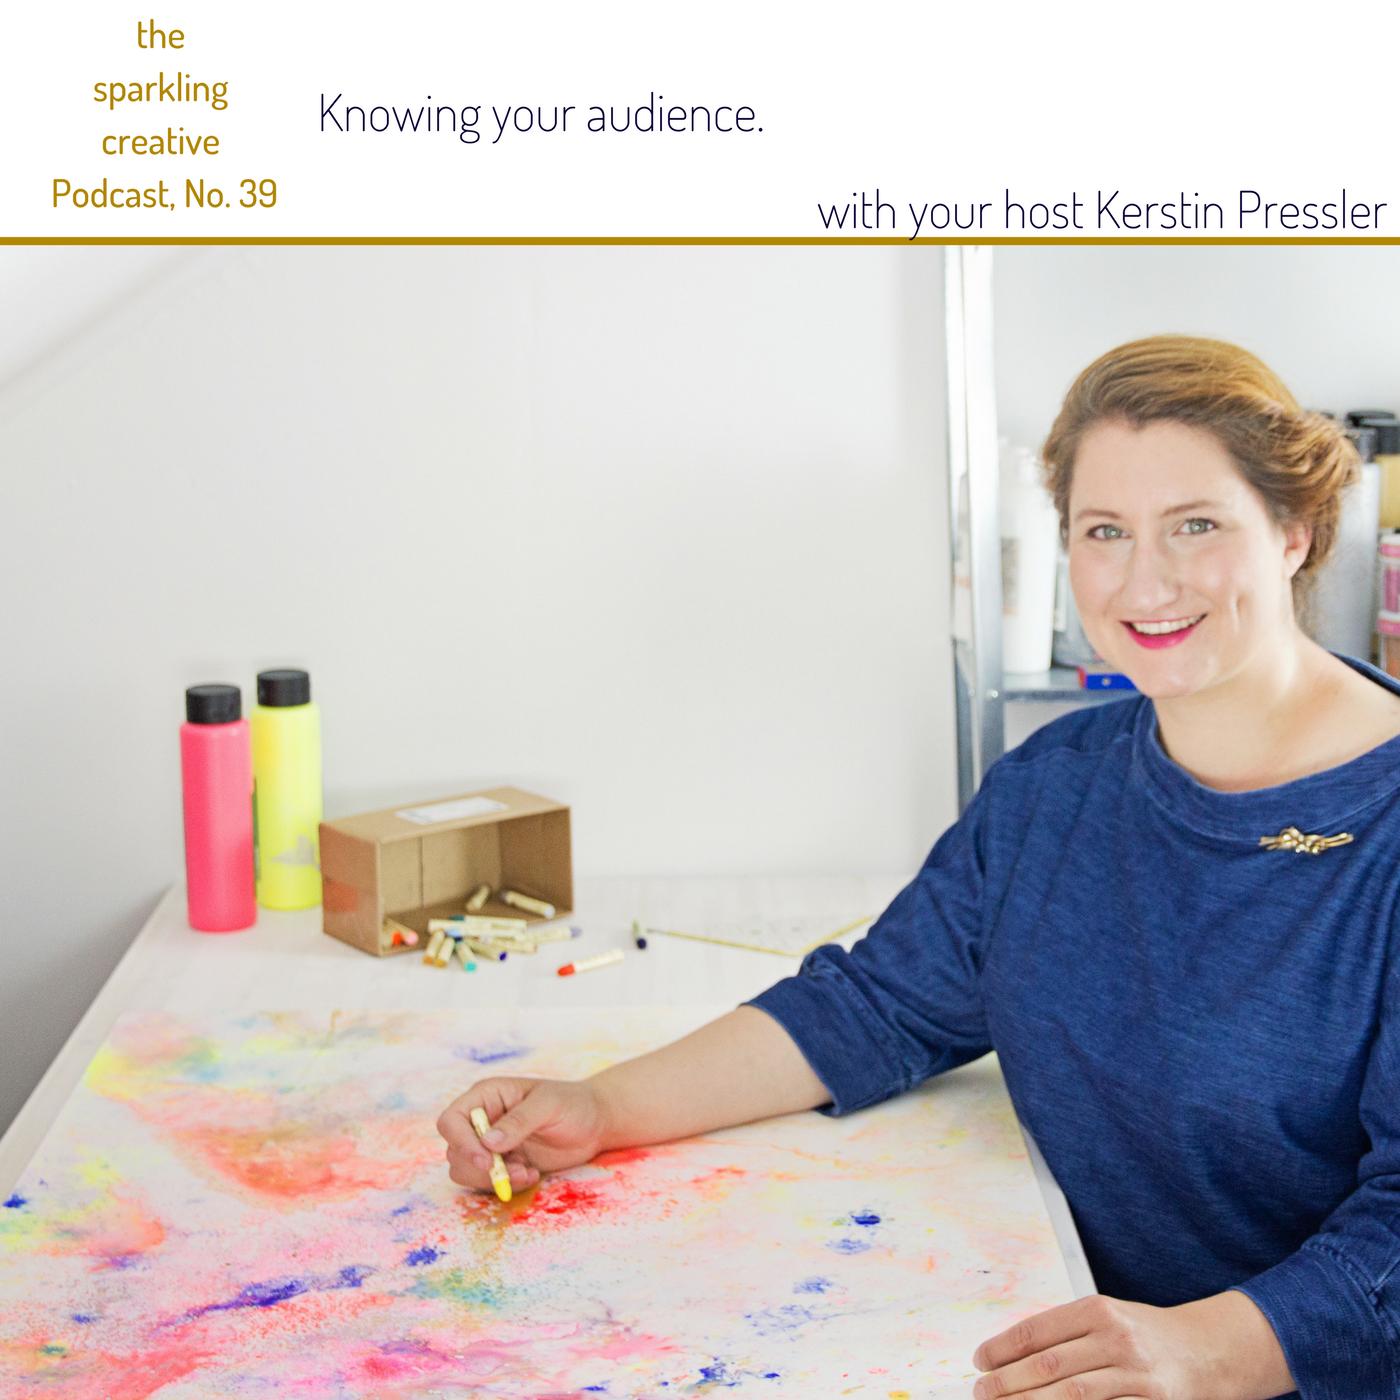 The sparkling creative Podcast, Episode 39: Knowing your audience. Kerstin Pressler, www.kerstinpressler.com/bog-2/episode39